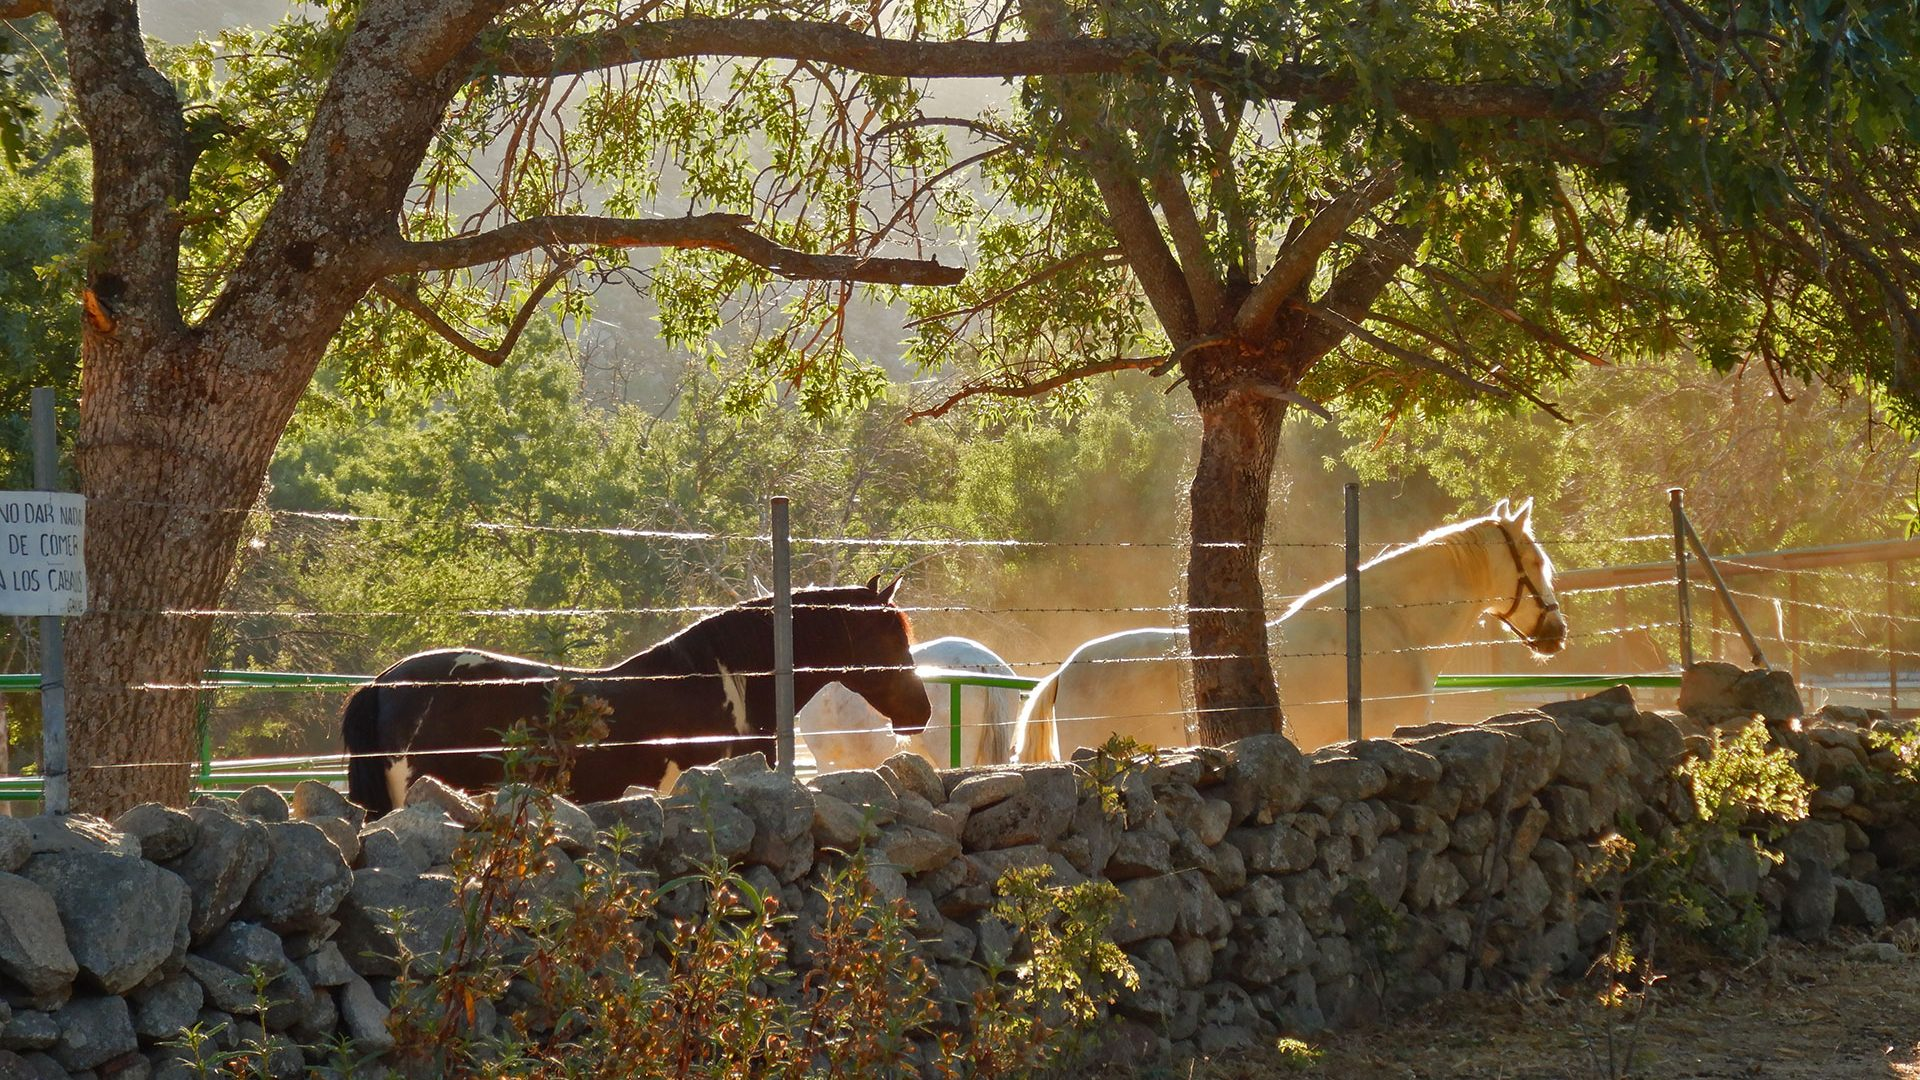 Maliciosa por la Senda d las Cabras y sus clavijas